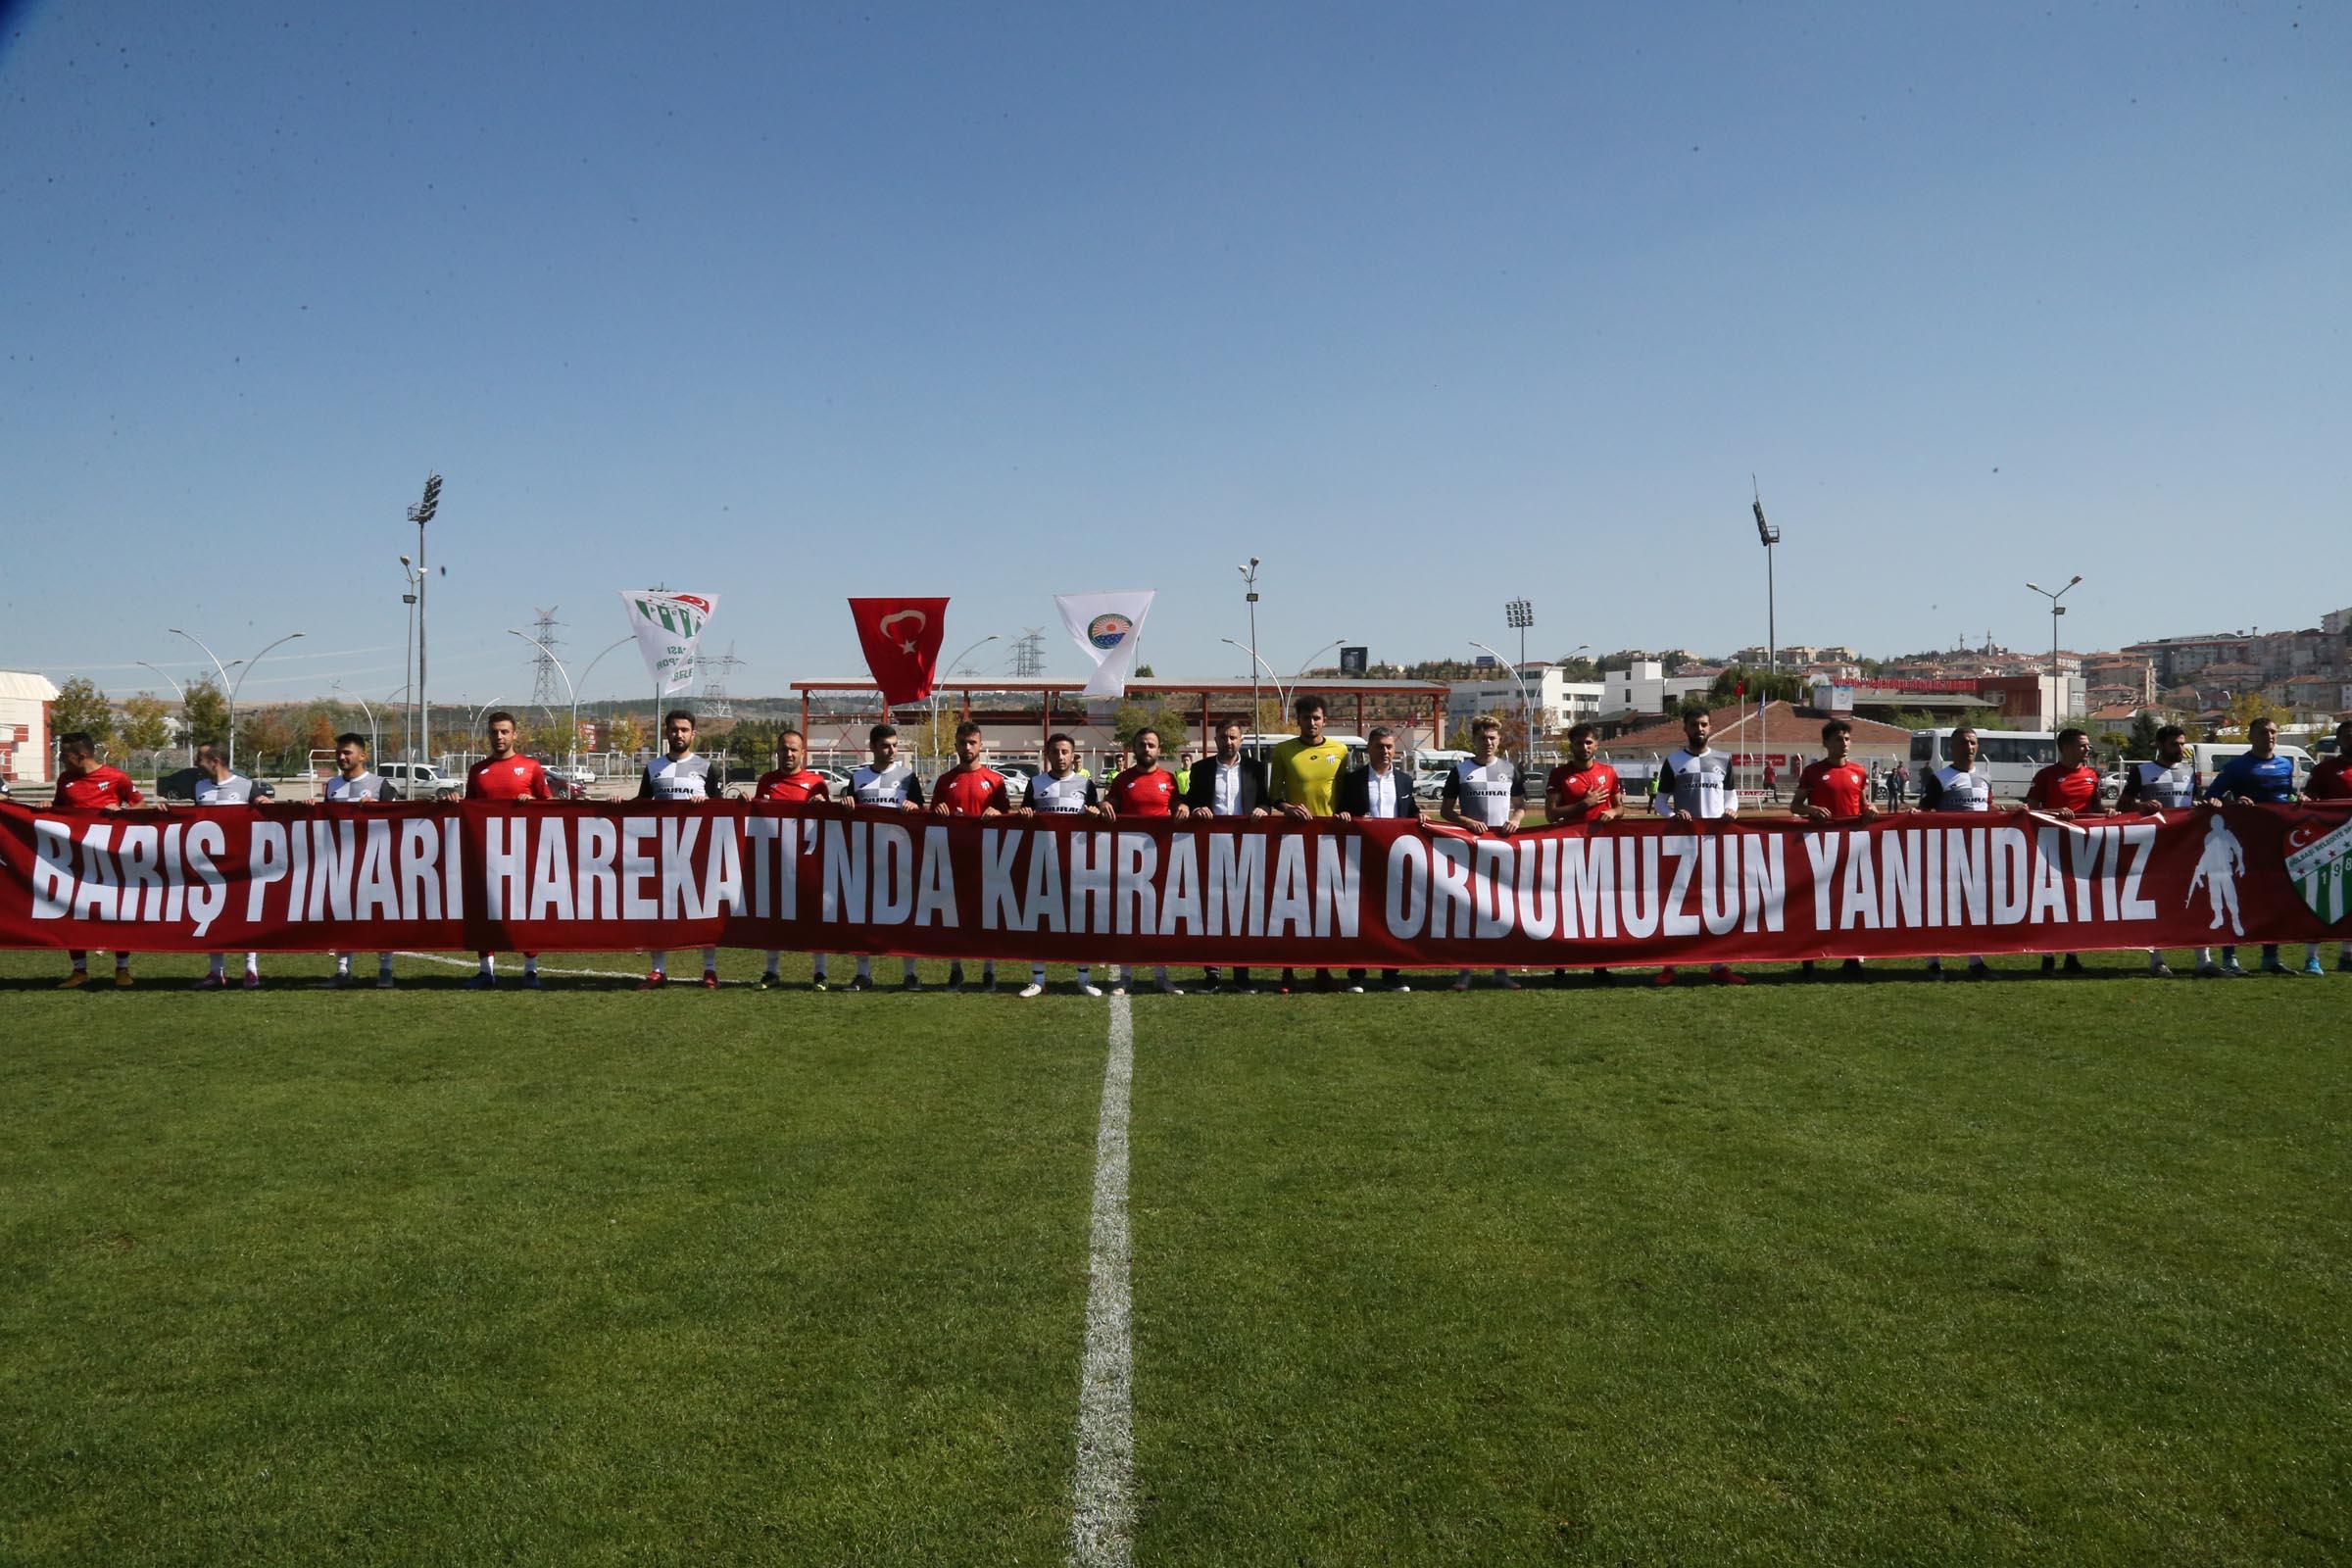 GÖLBAŞI BELEDİYESPOR'DAN MEHMETÇİĞE PANKARTLI DESTEK